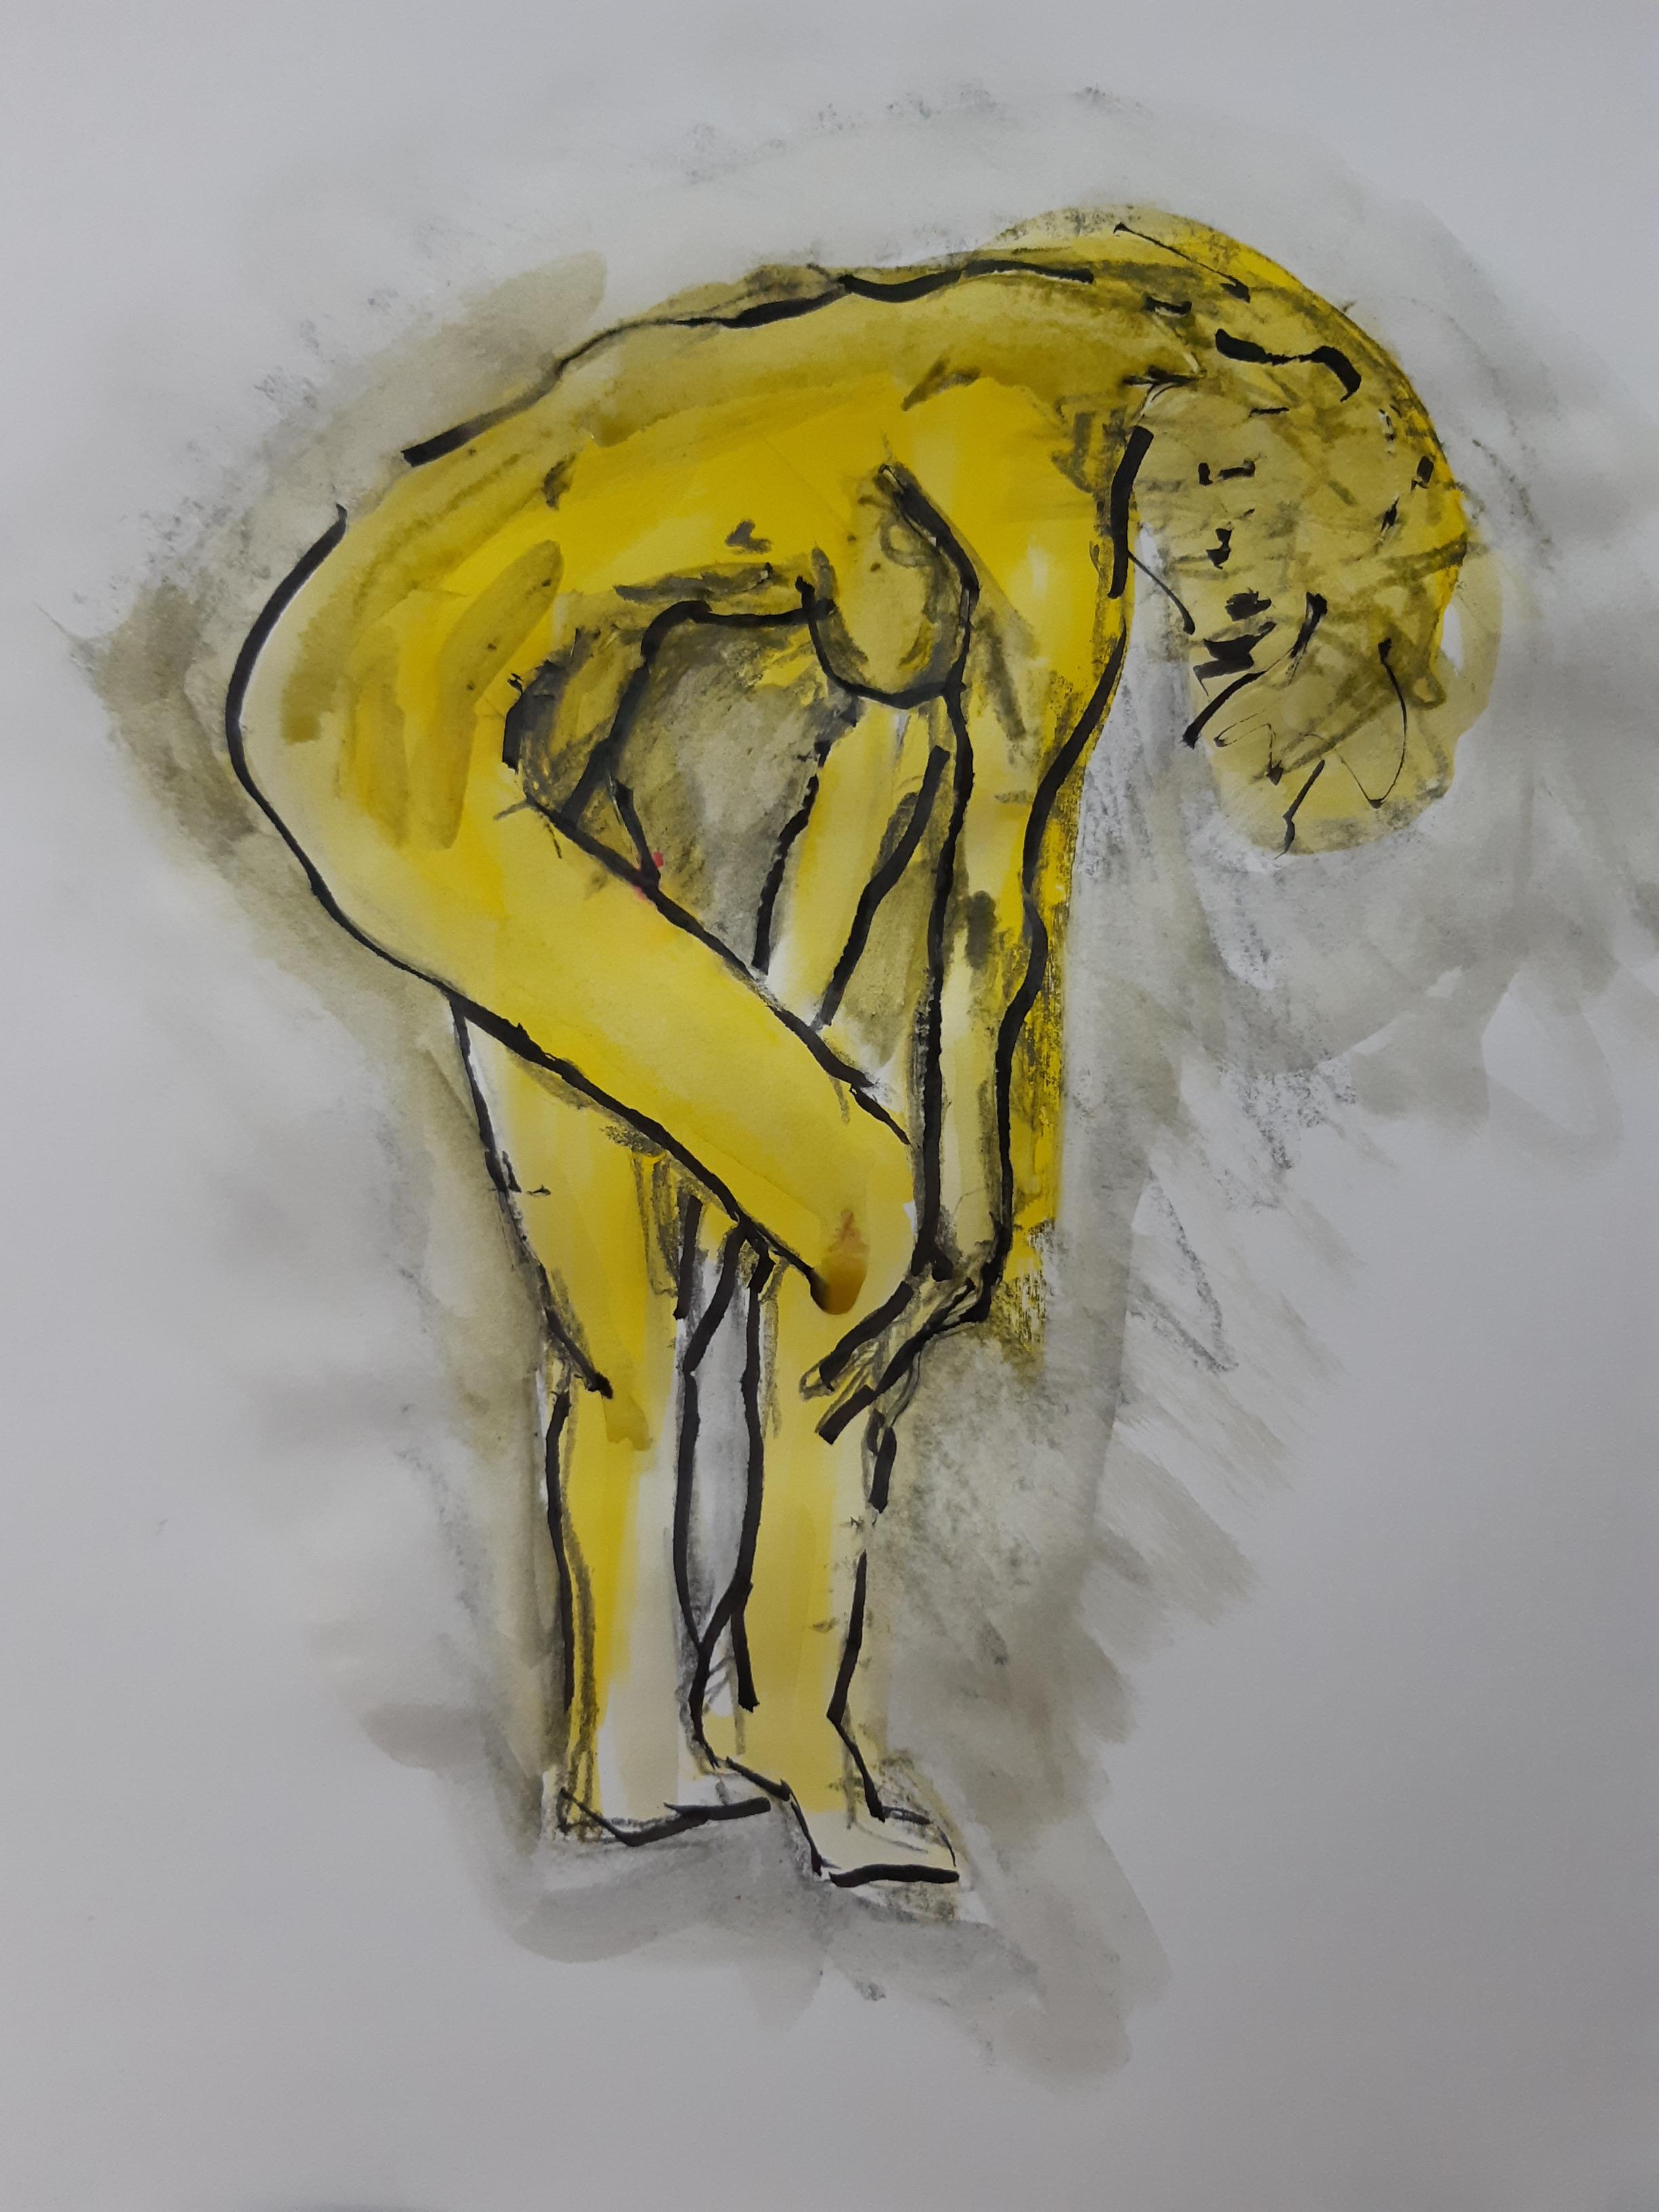 Dessin Modèle vivant profil technique mixte feutre peinture jaune gouache sur papier  cours de dessin